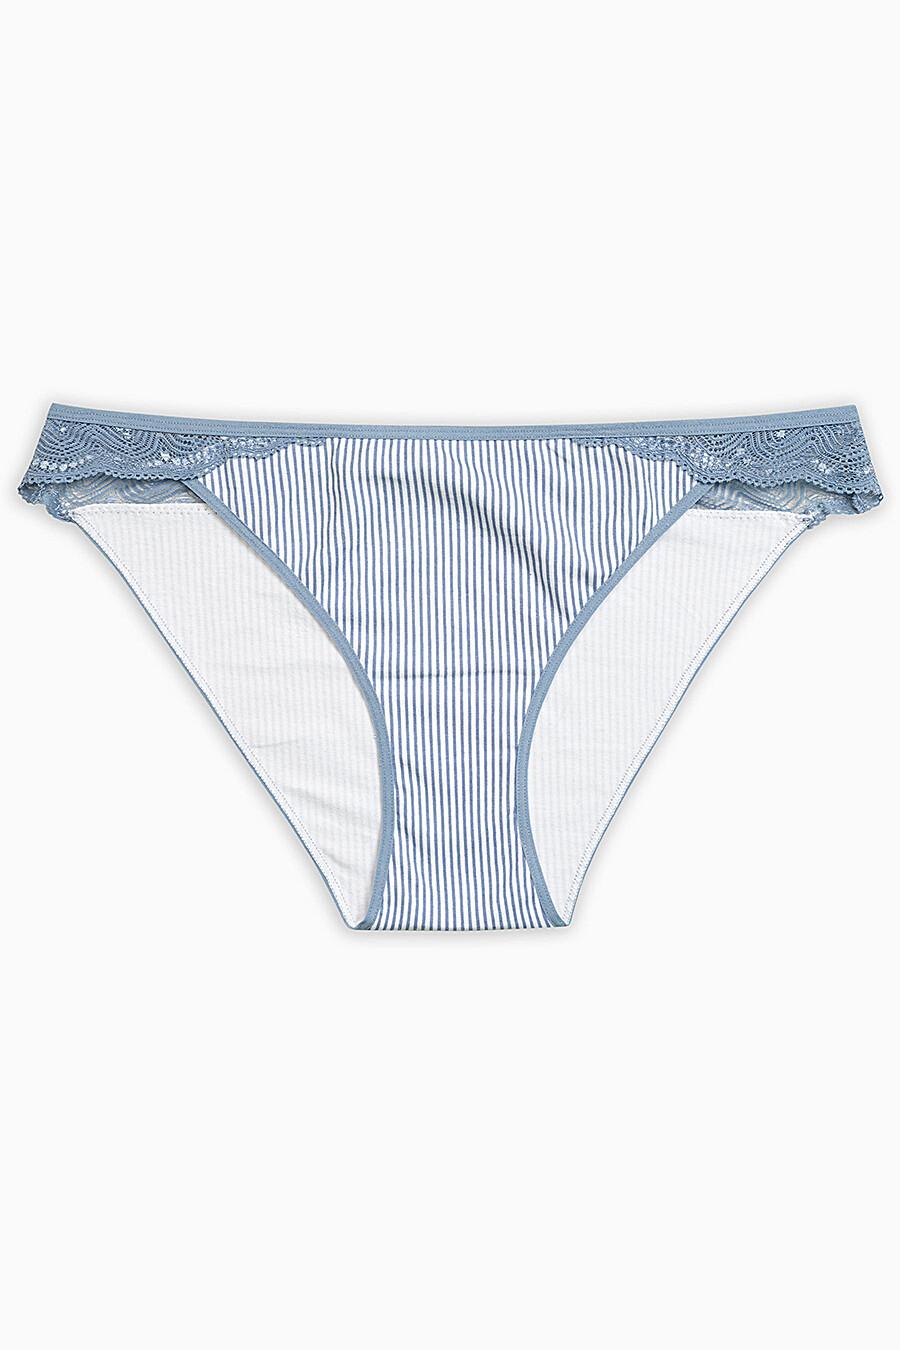 Трусы для женщин PELICAN 146458 купить оптом от производителя. Совместная покупка женской одежды в OptMoyo